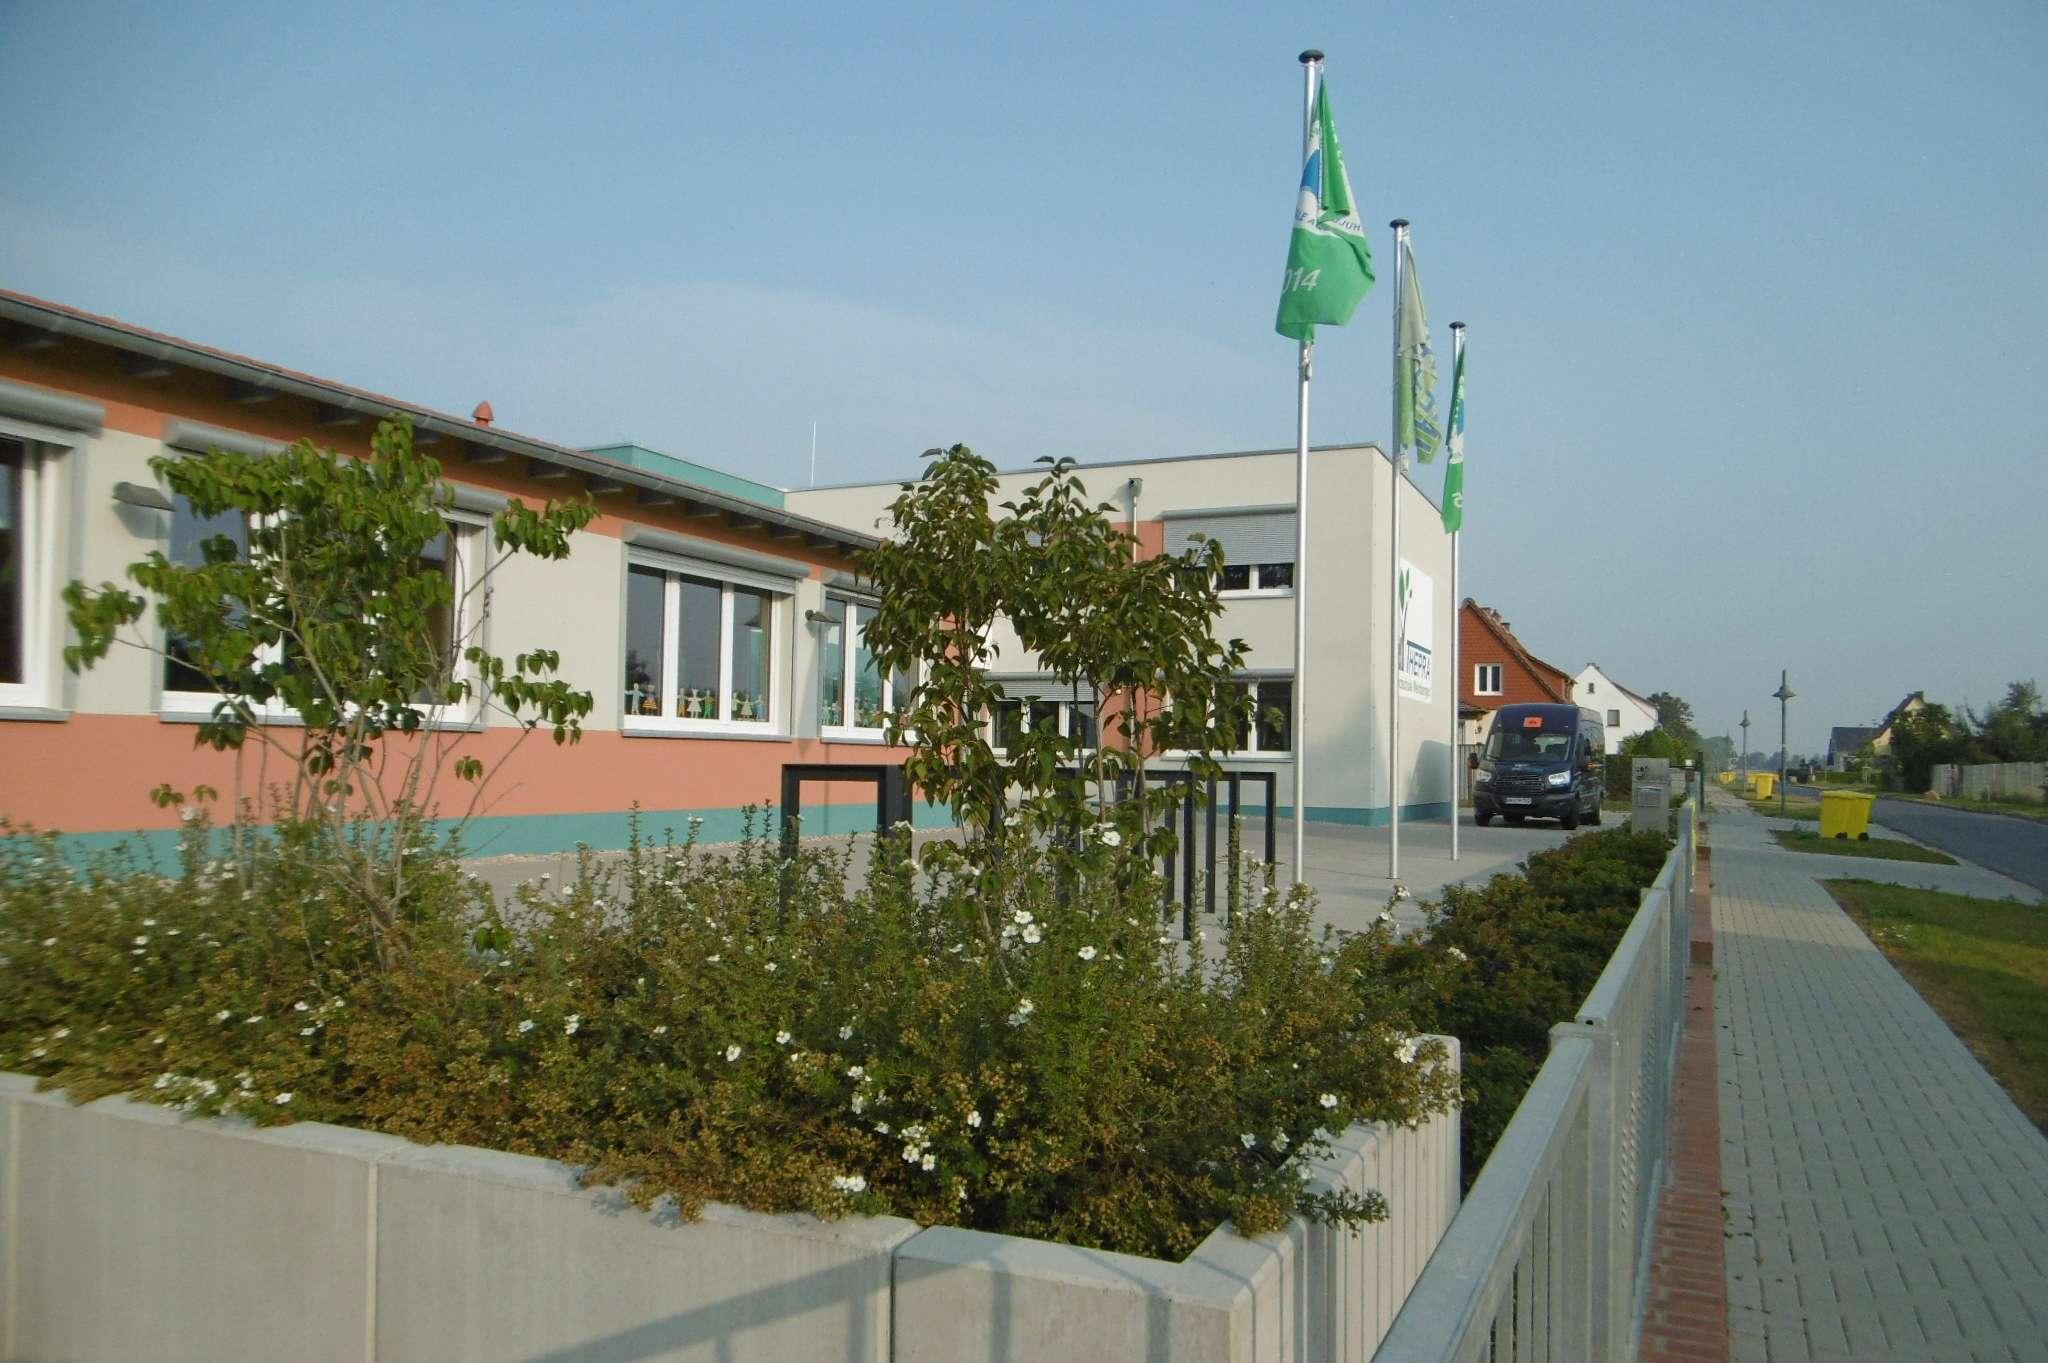 Zu sehen ist ein grauer Flachbau. Im Vordergrund ist viel Grün. Vor dem Schulgebäude wehen grüne Fahnen.